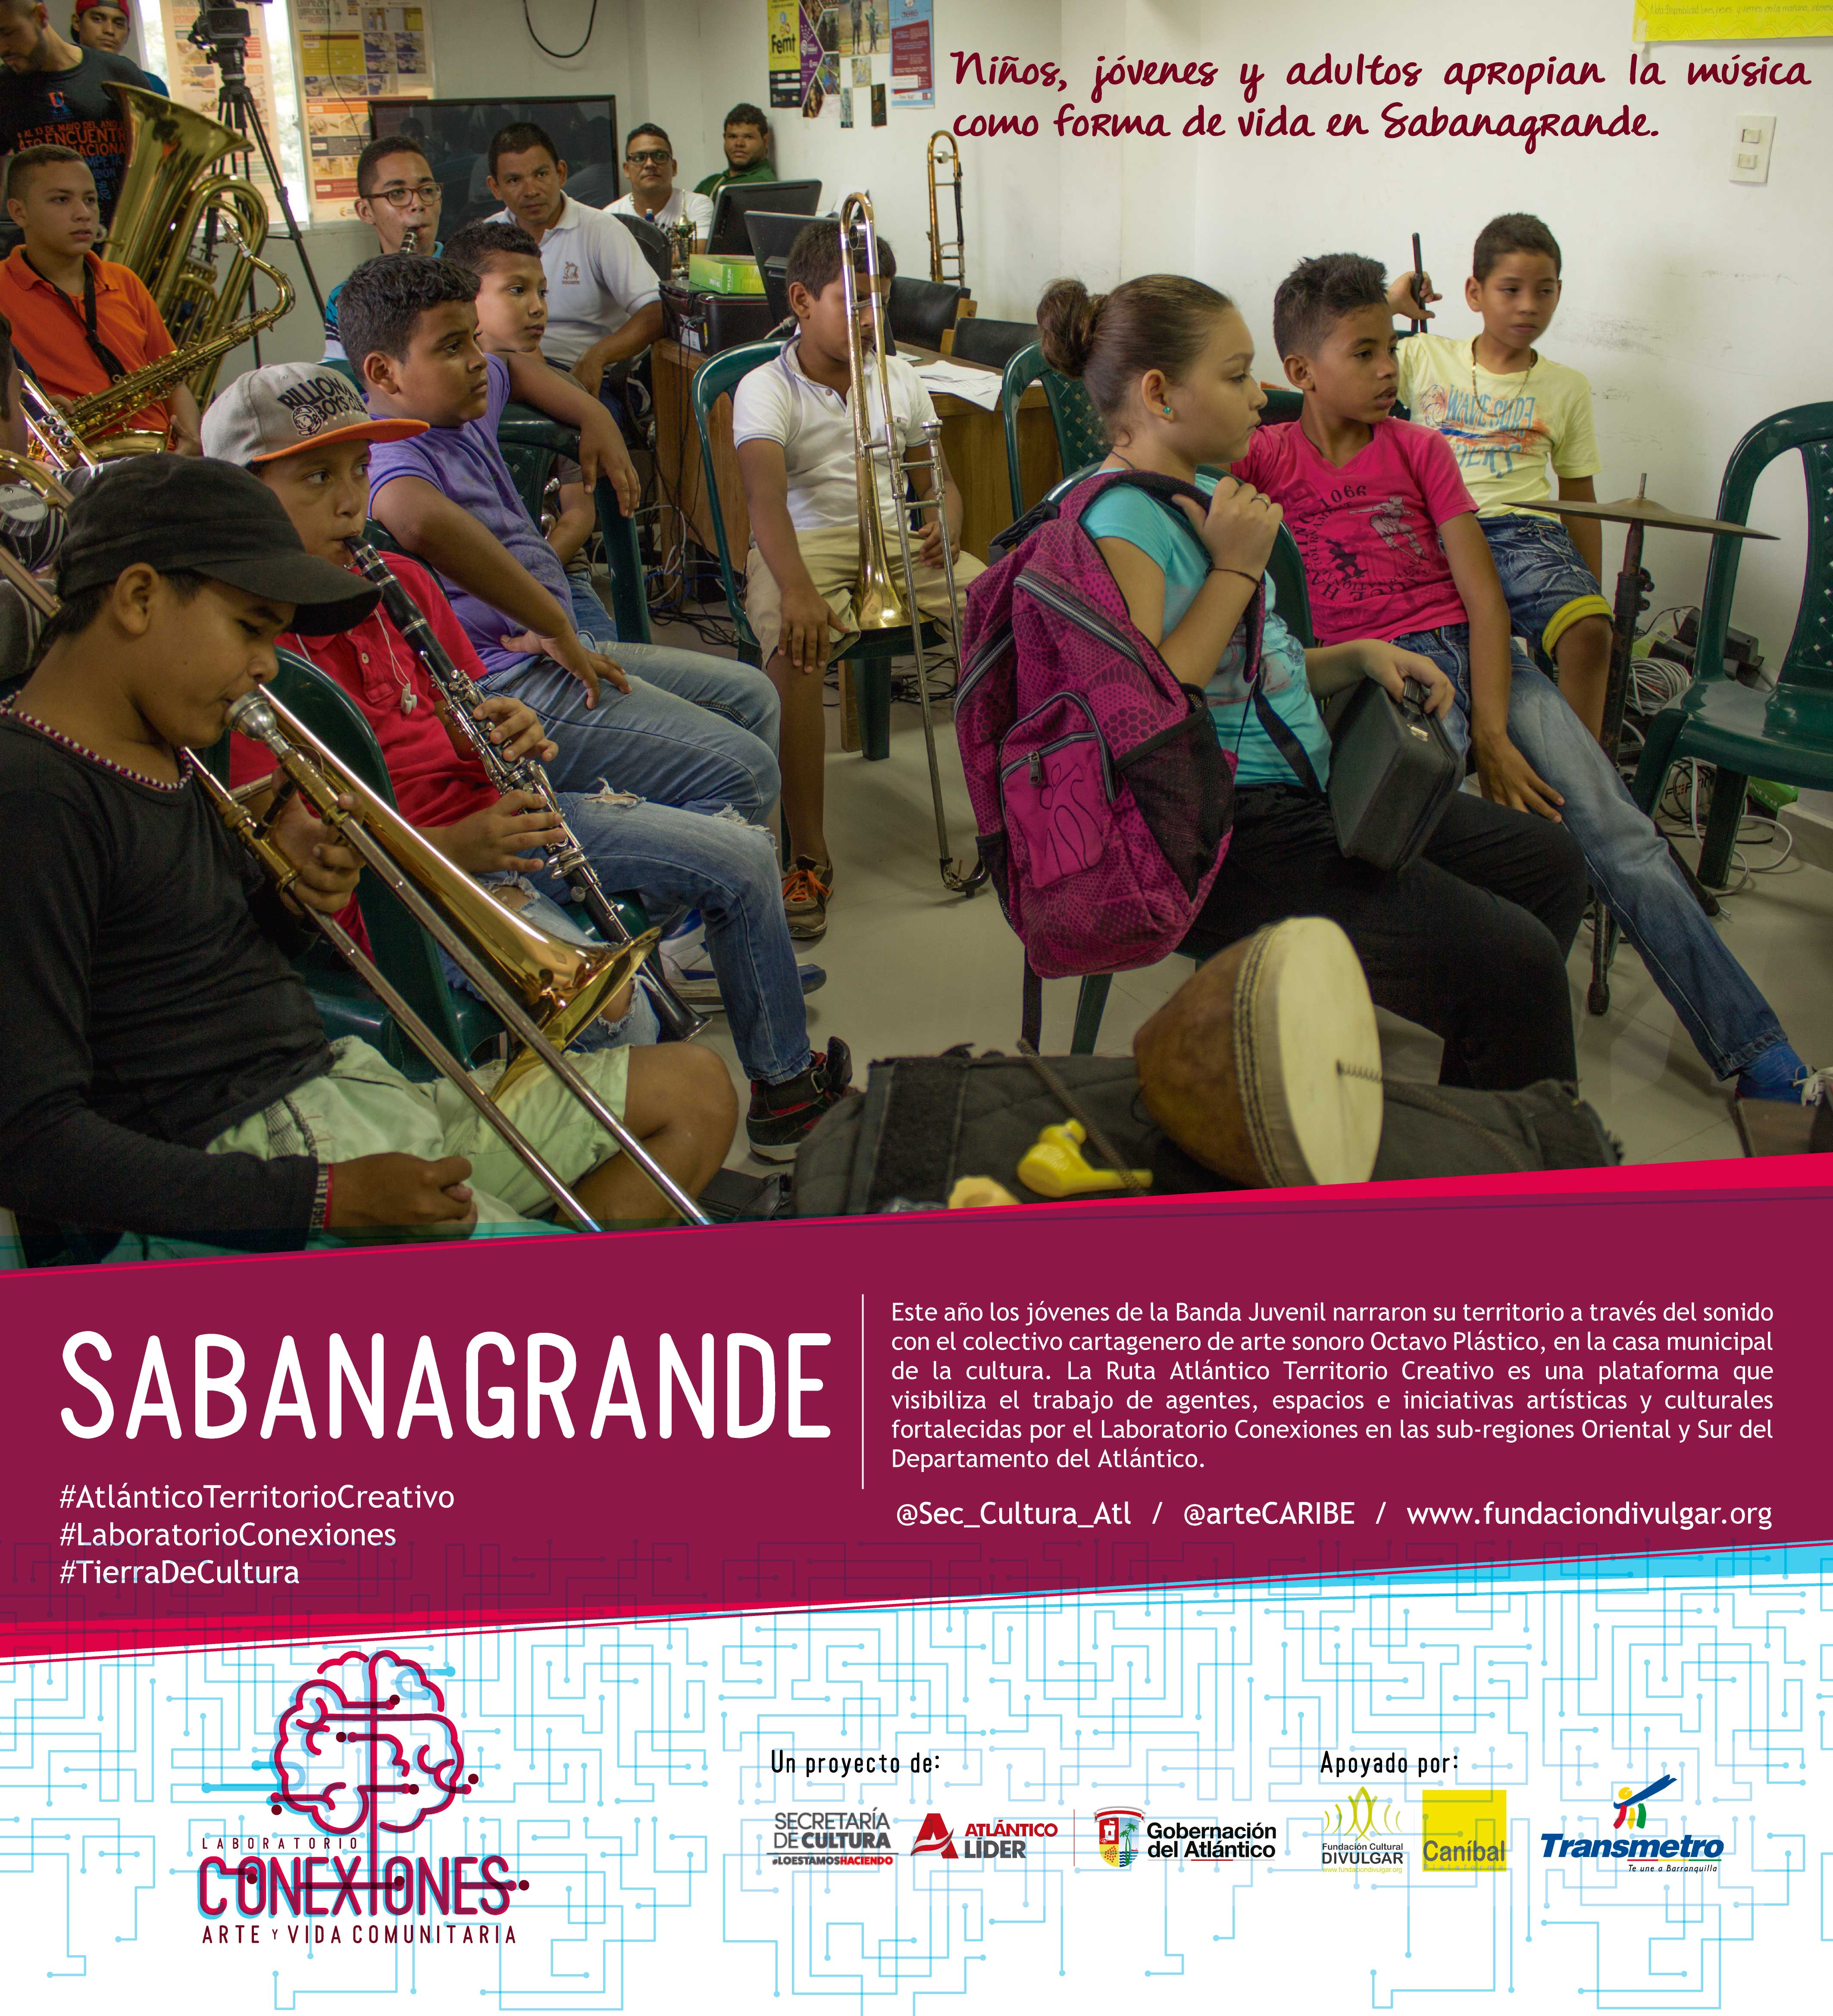 Sabanagrande